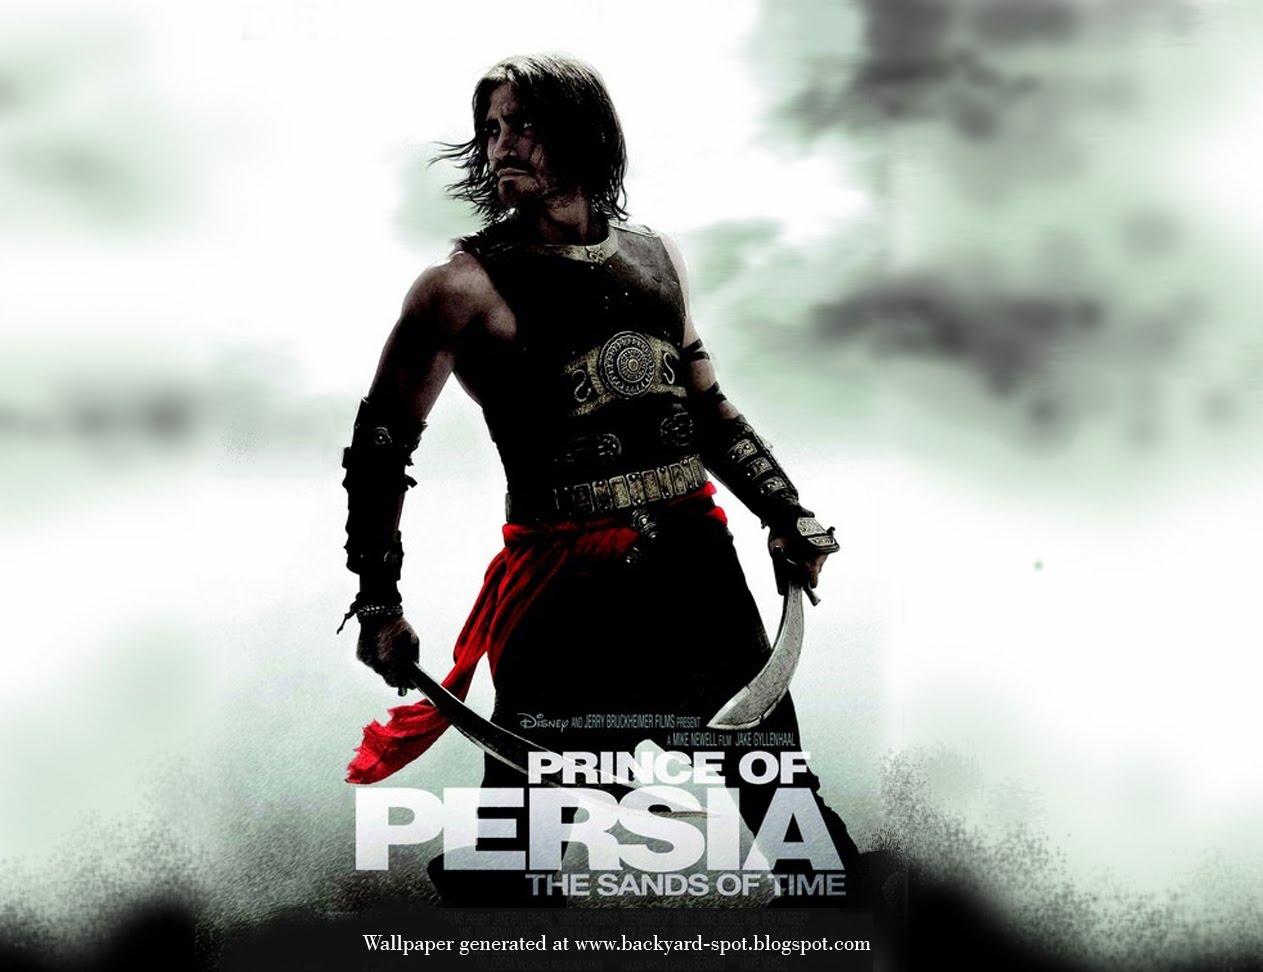 http://1.bp.blogspot.com/_mEM8ntjMW9Q/SwpGGbnbmNI/AAAAAAAAALA/ksafadBxxnI/s1600/Prince_of_persia_movie_wallpaper.jpg